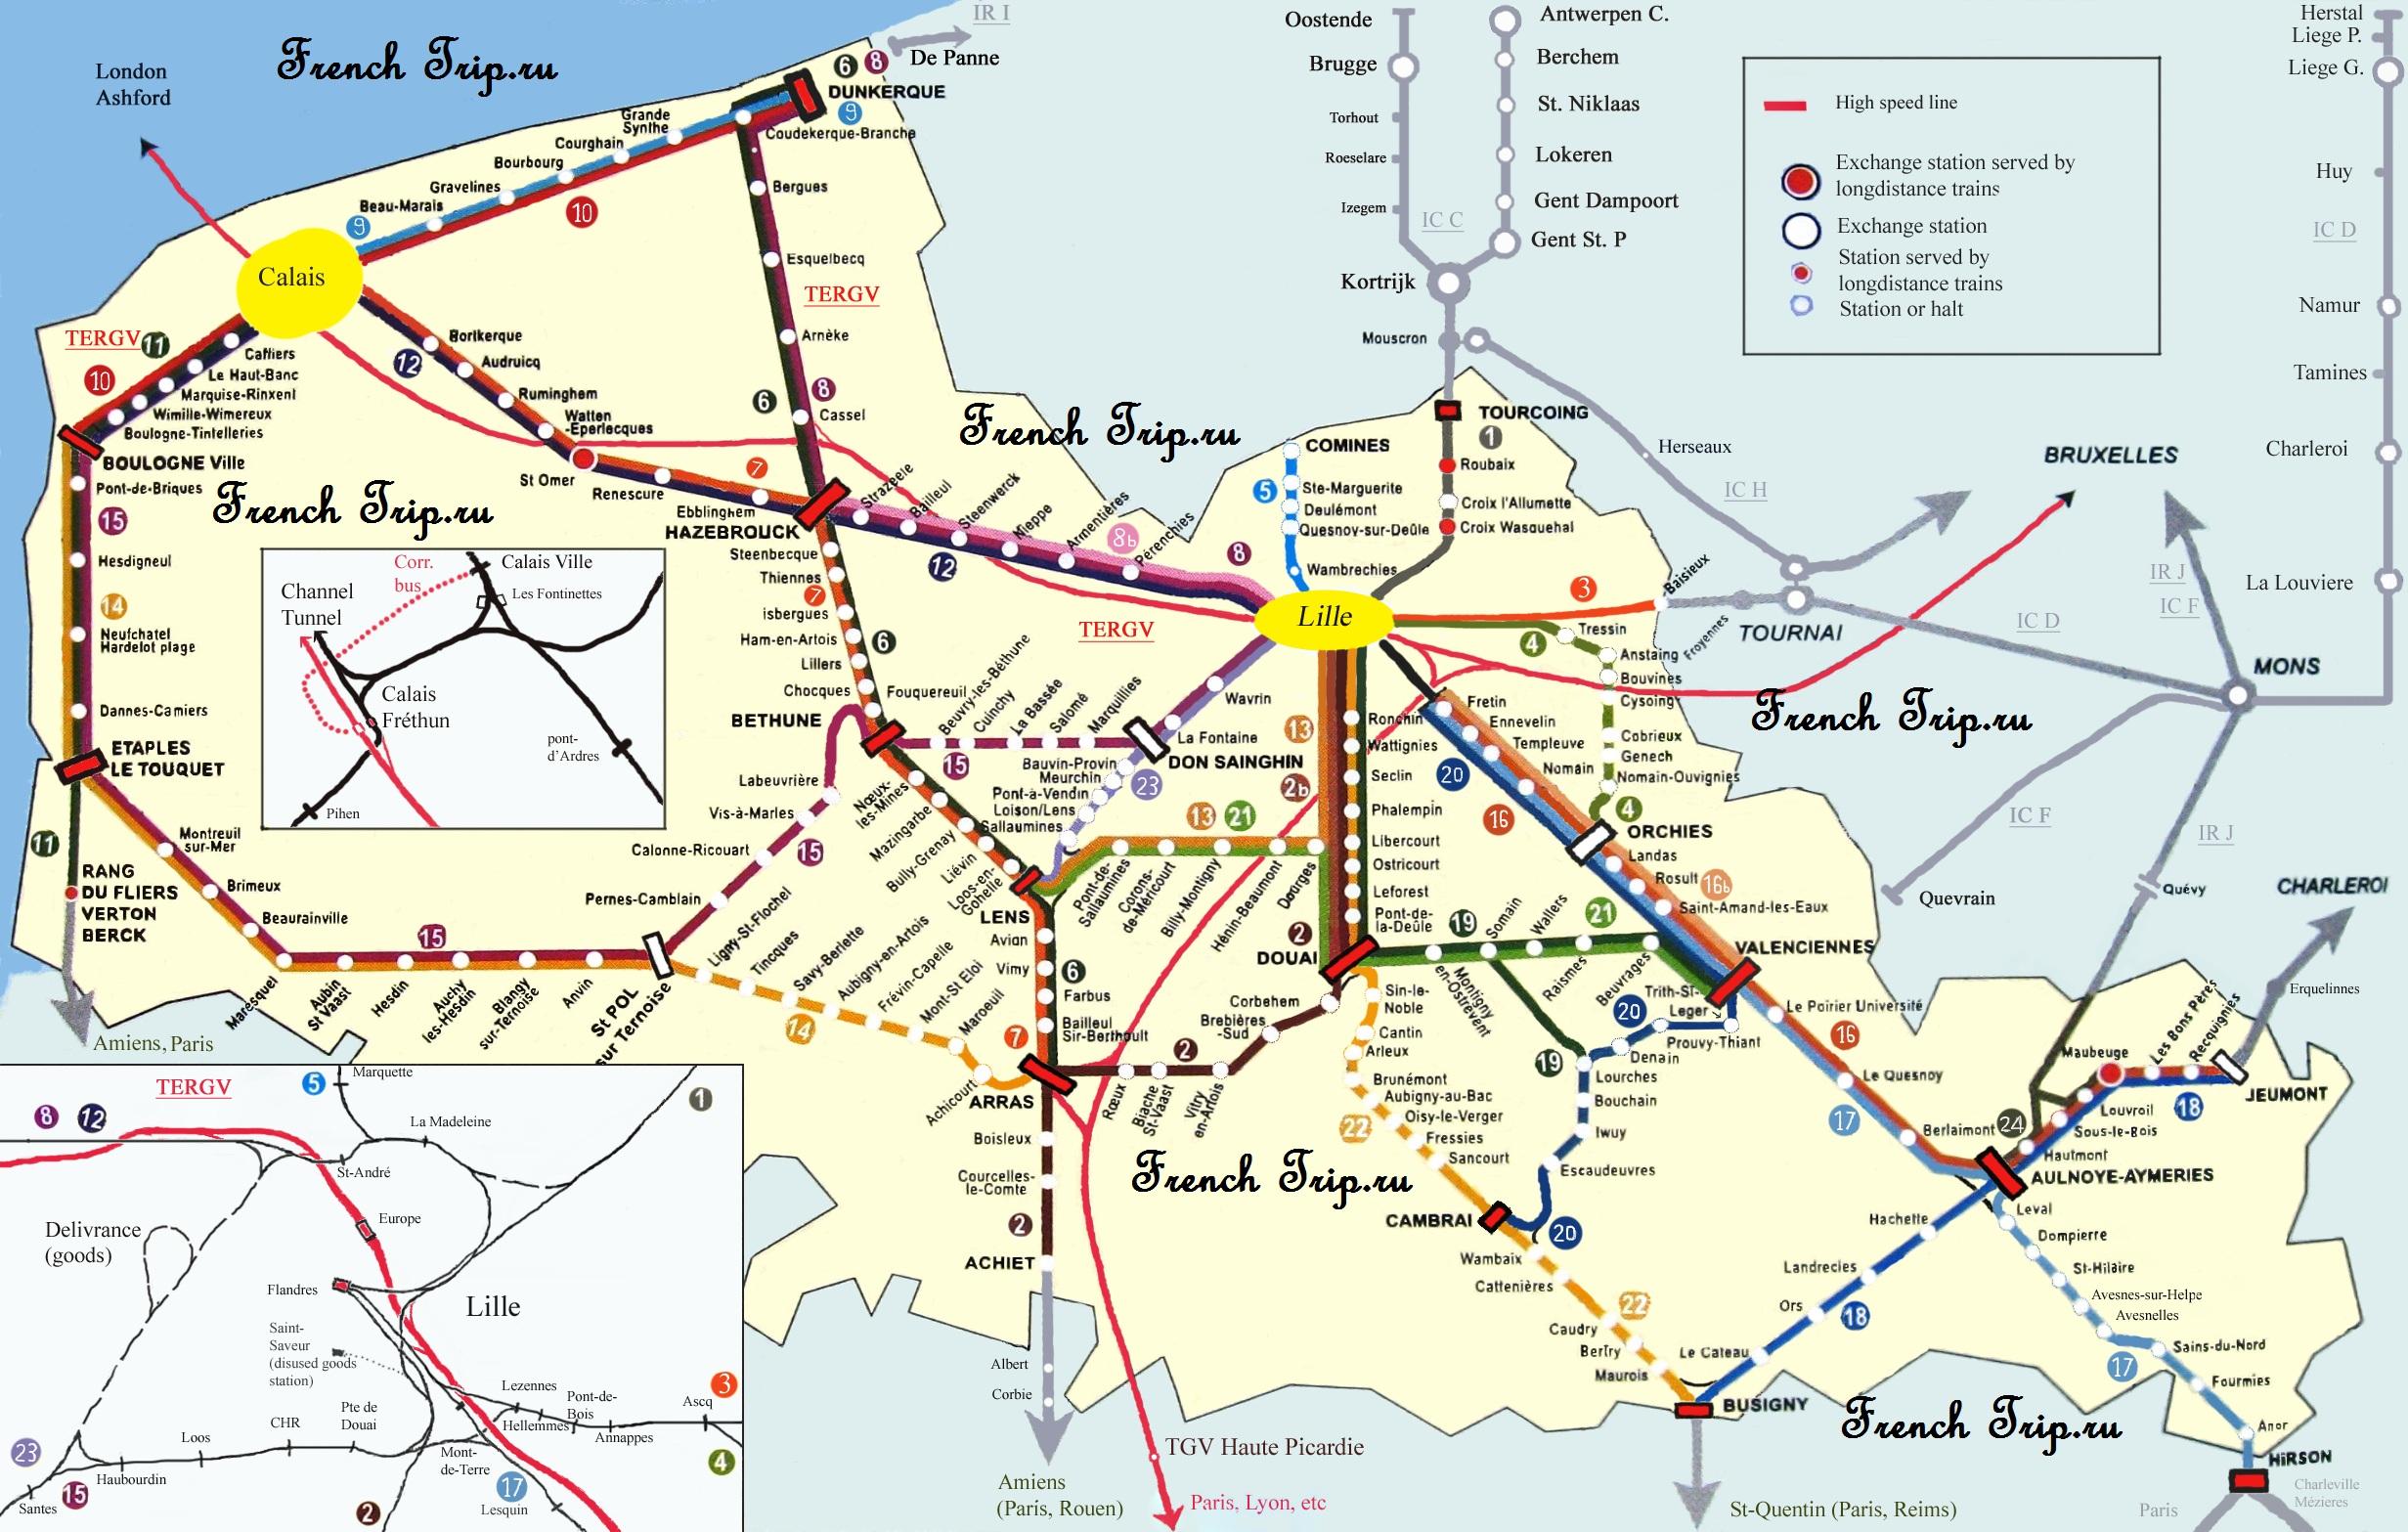 Поезда по региону Норд-па-ле-Кале: Региональные поезда из Лилля. Как добраться на поезде в Лилль: маршруты поездов, расписание поездов в Лилль, карта поездов по Франции и Европе, поезд Париж - Лилль, поезд Брюссель - Лилль, из Парижа в Лилль, из Брюсселя в Лилль, на поезде в Лилль, из Бельгии Лилль, поезда в Лилль, расписание поездов в Лилль, как доехать в Лилль, как добраться в Лилль, поезд Лилль, Лилль Париж, Лилль Брюссель, Лилль Франция, Лилль, город Лилль, аэропорт Шарль де Голль Лилль, Charles de Gaulle Lille, train Lille, Lille by train, eurostar Lille, tgv Lille, thalys Lille, train schedule Lille, paris lille train, brussels Lille train